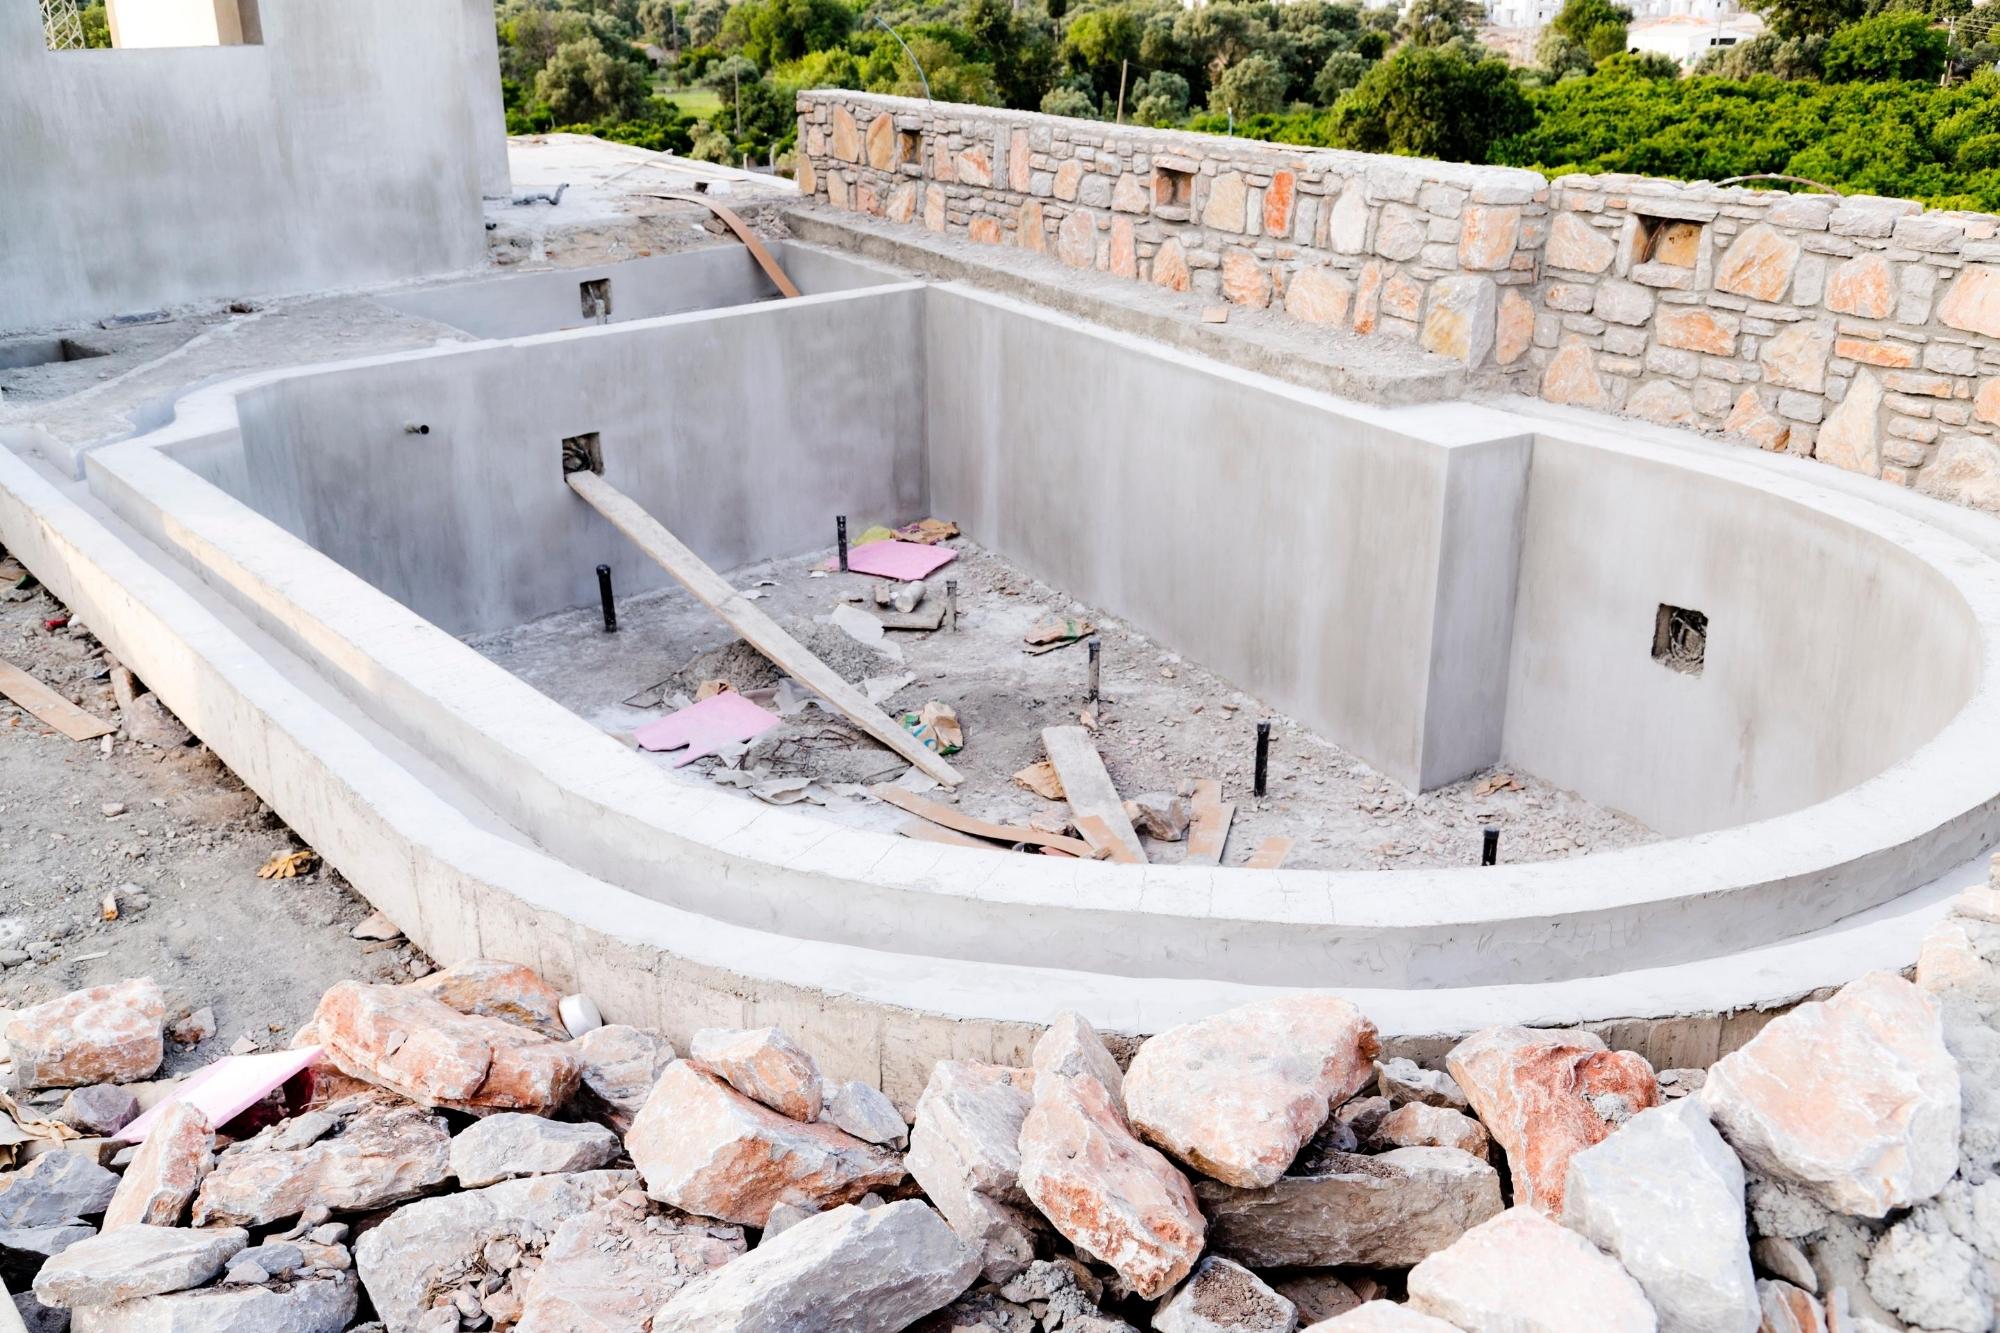 Incremento de piscinas ilegales  en suelo rústico